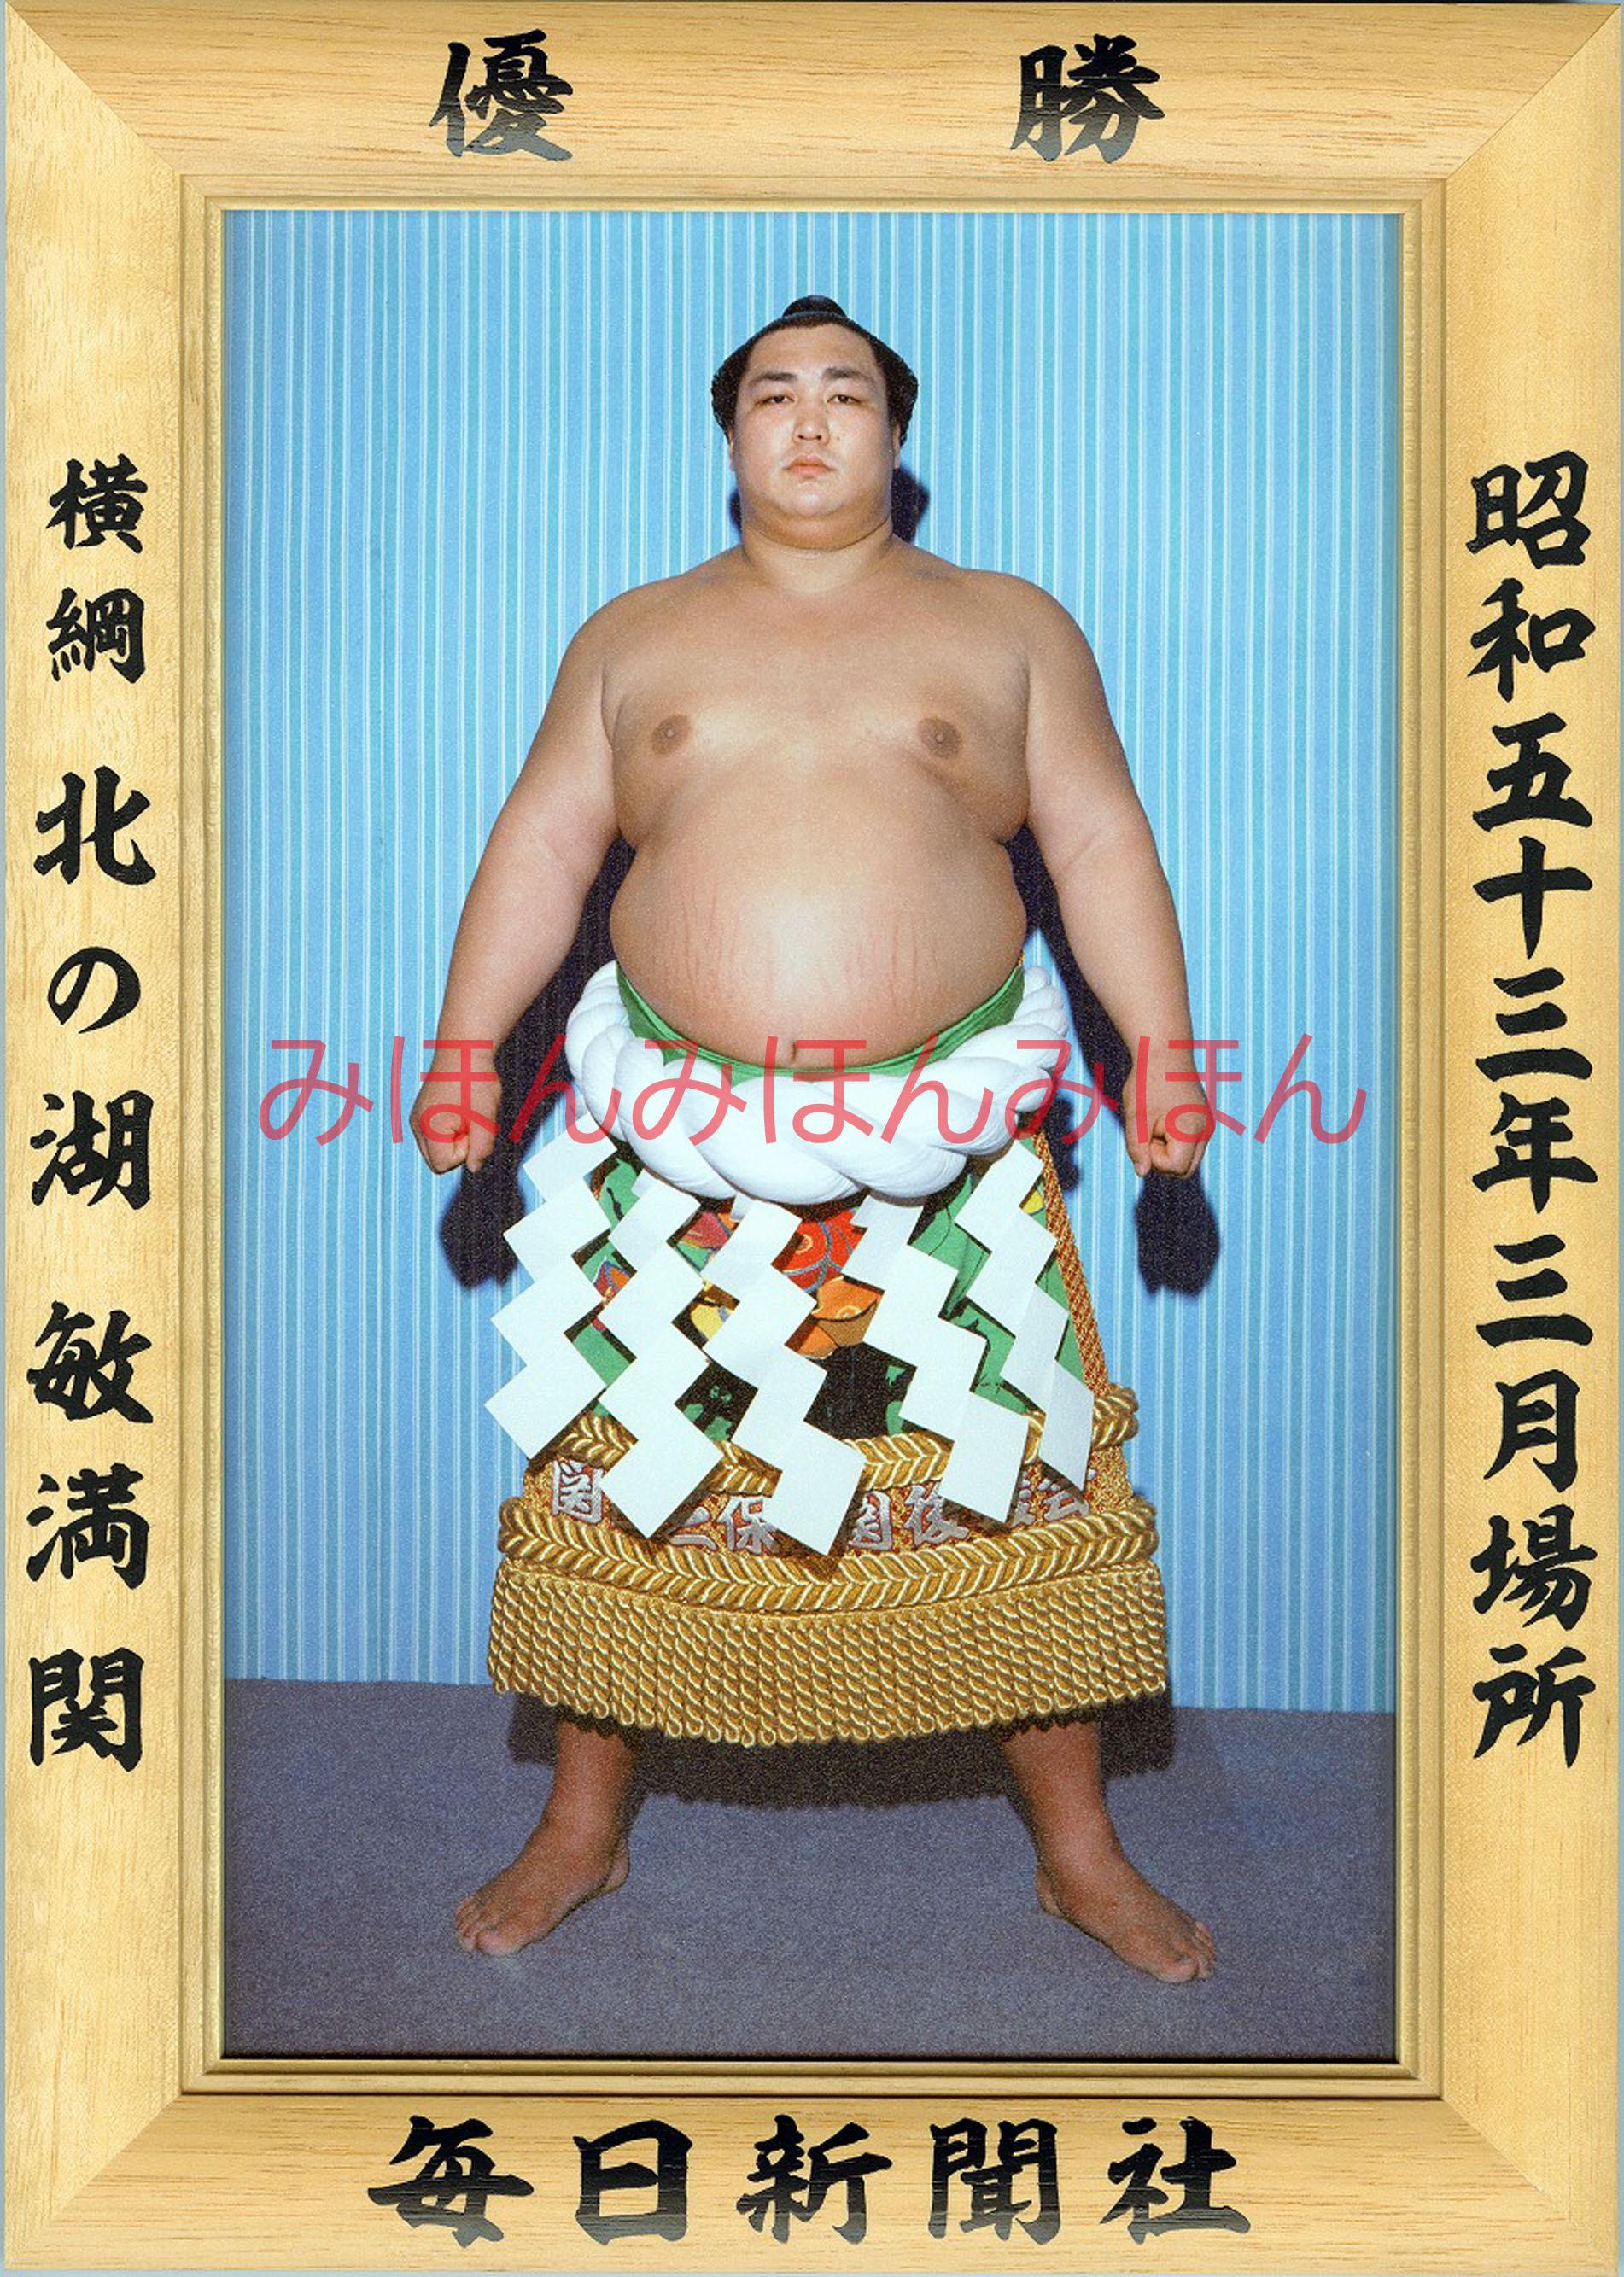 昭和53年3月場所優勝 横綱 北の湖敏満関(11回目の優勝)